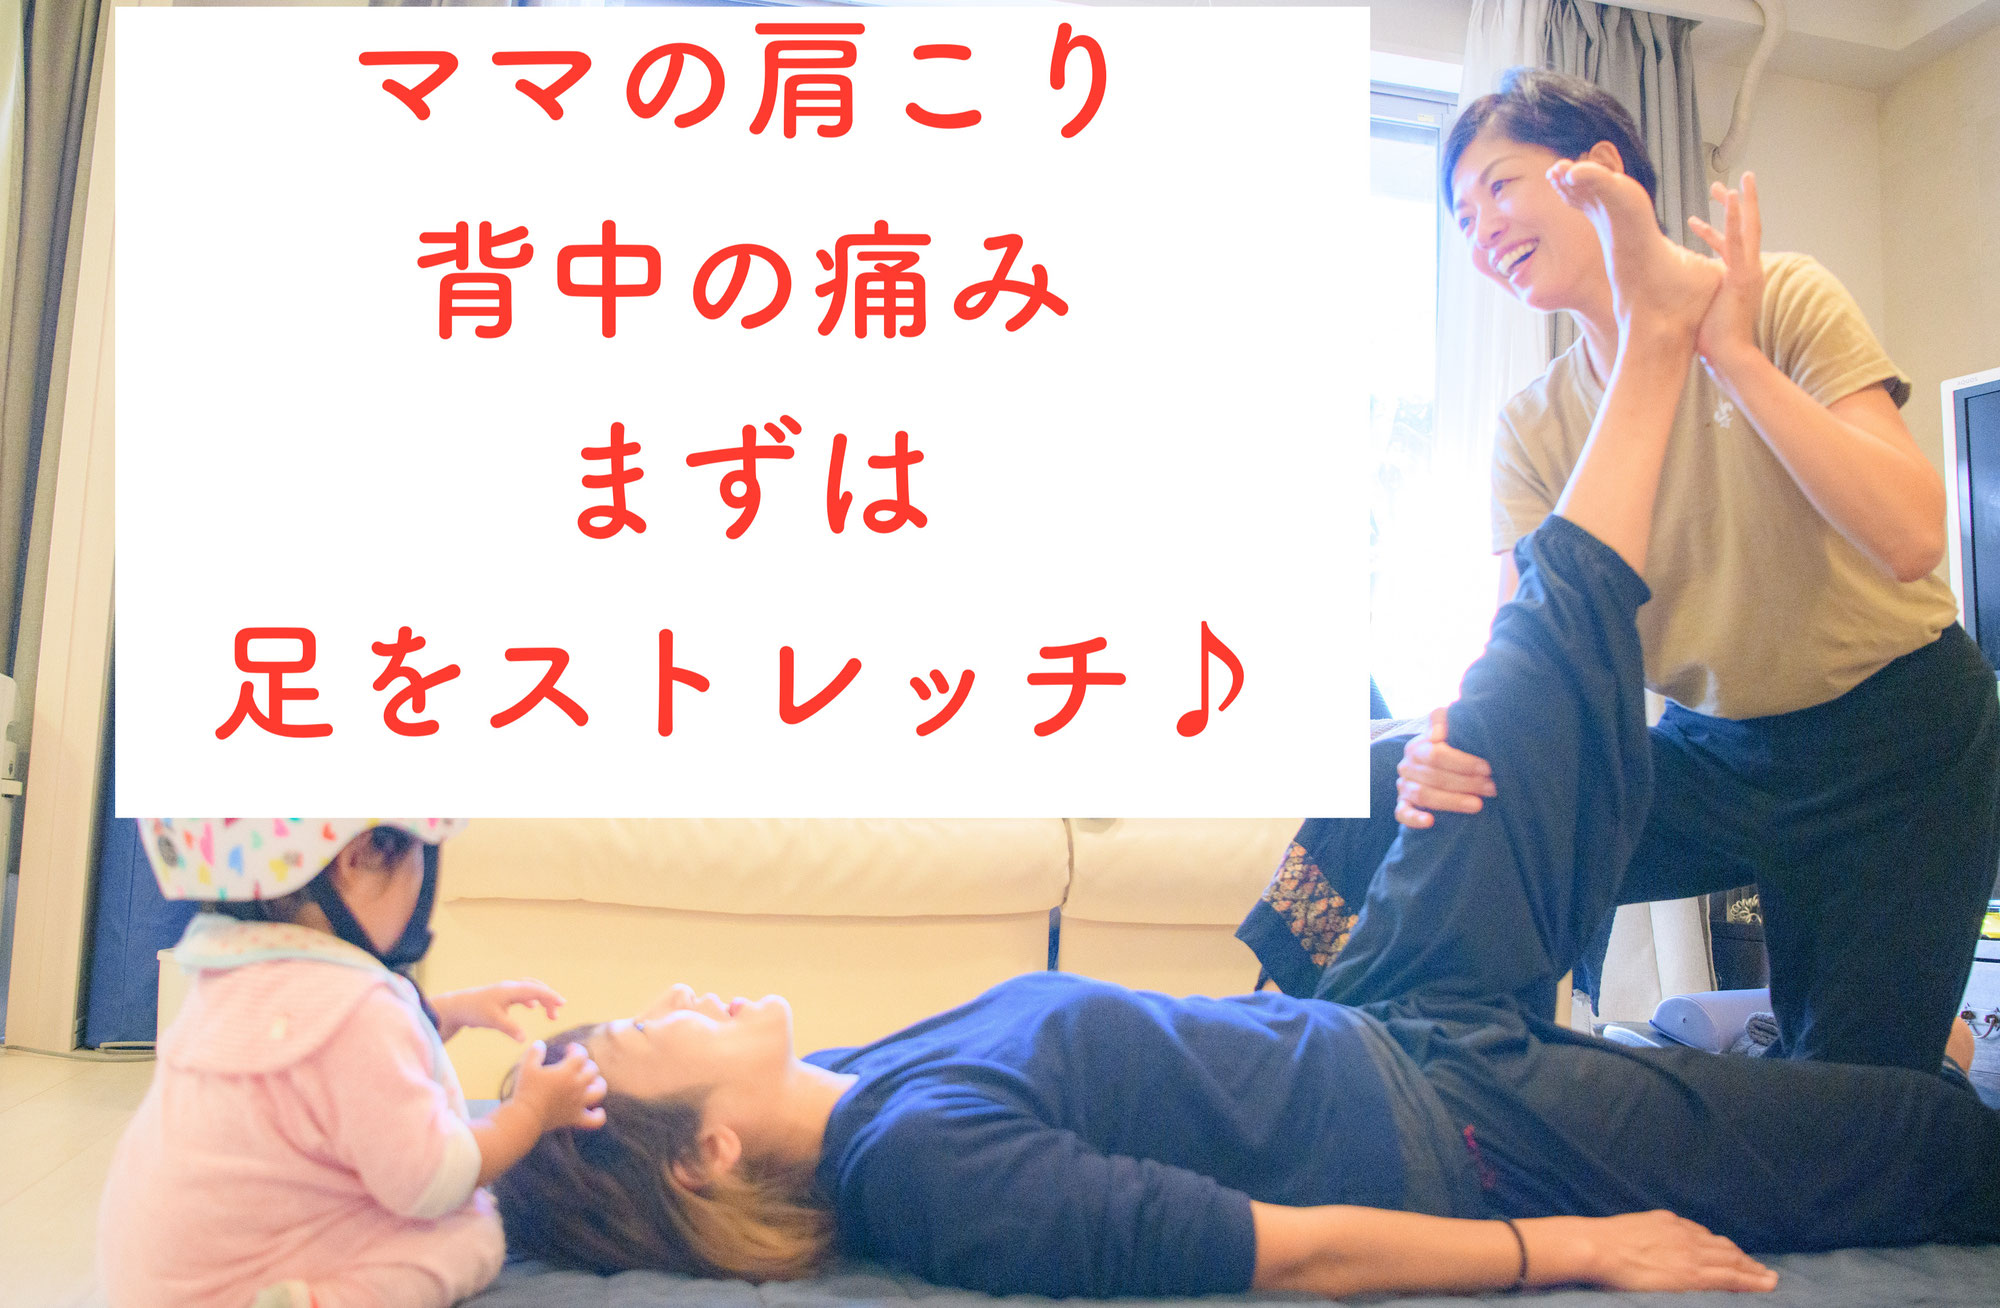 猫背改善ストレッチ4選♪ツラい肩こり、背中の痛みは足元から整える